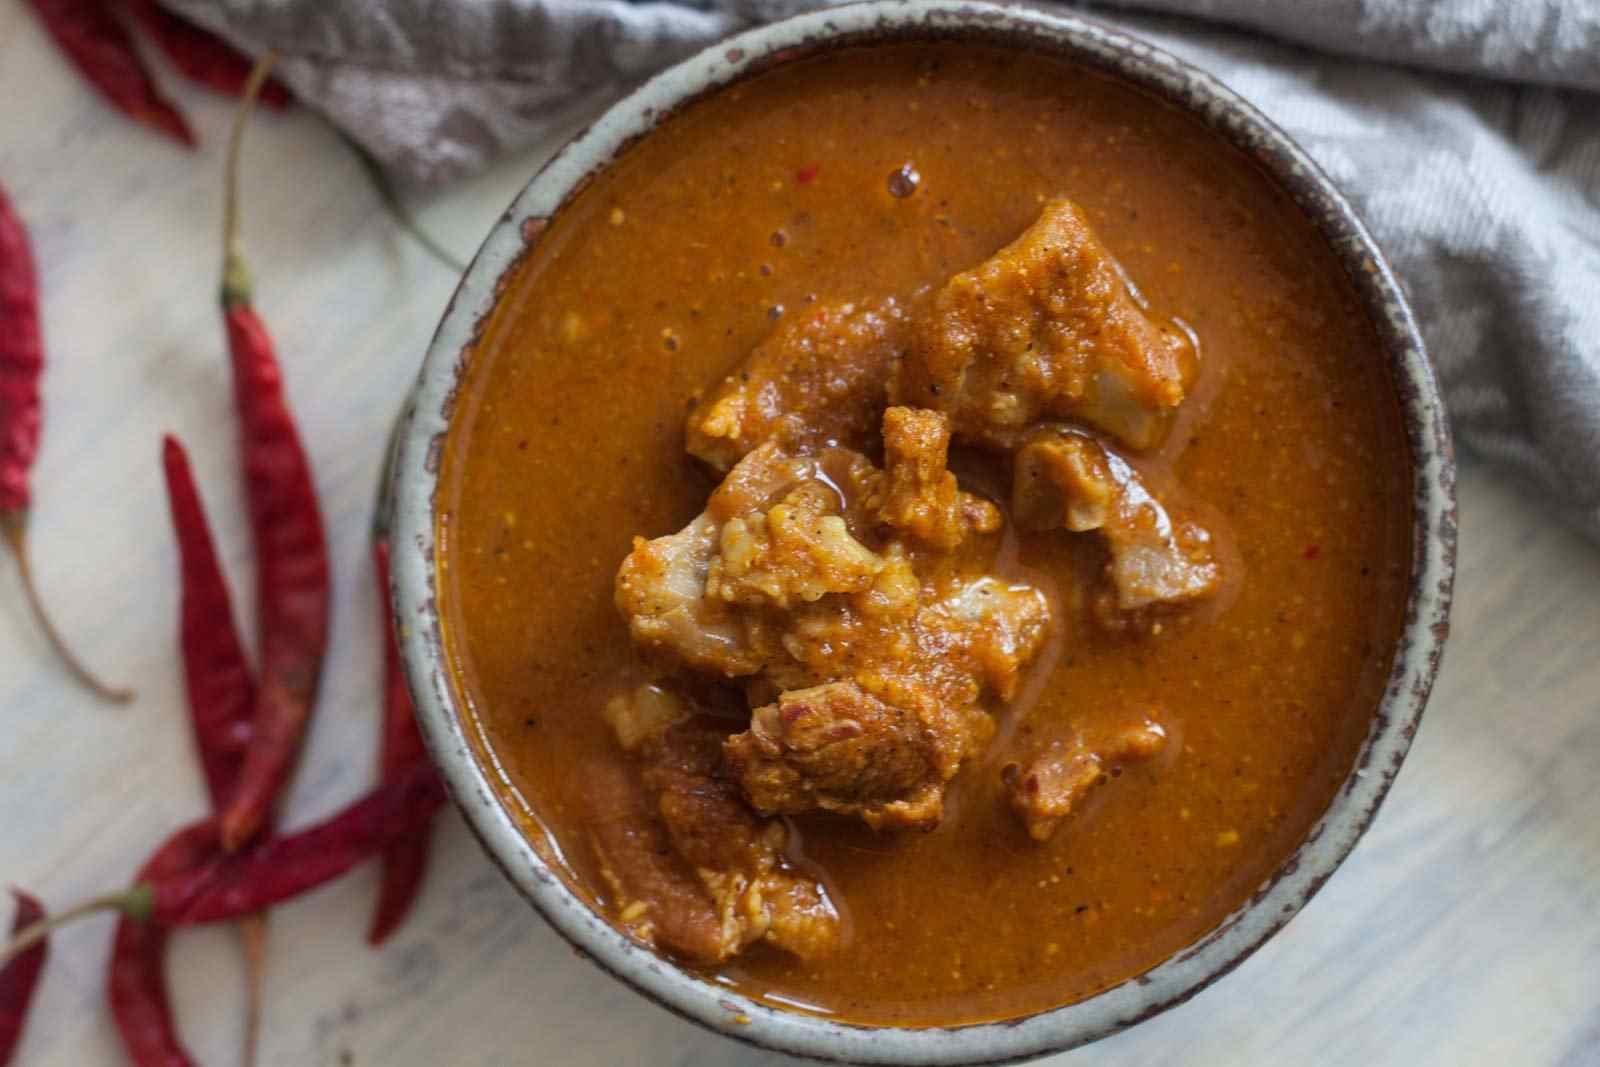 Aachari Gosht (Chef